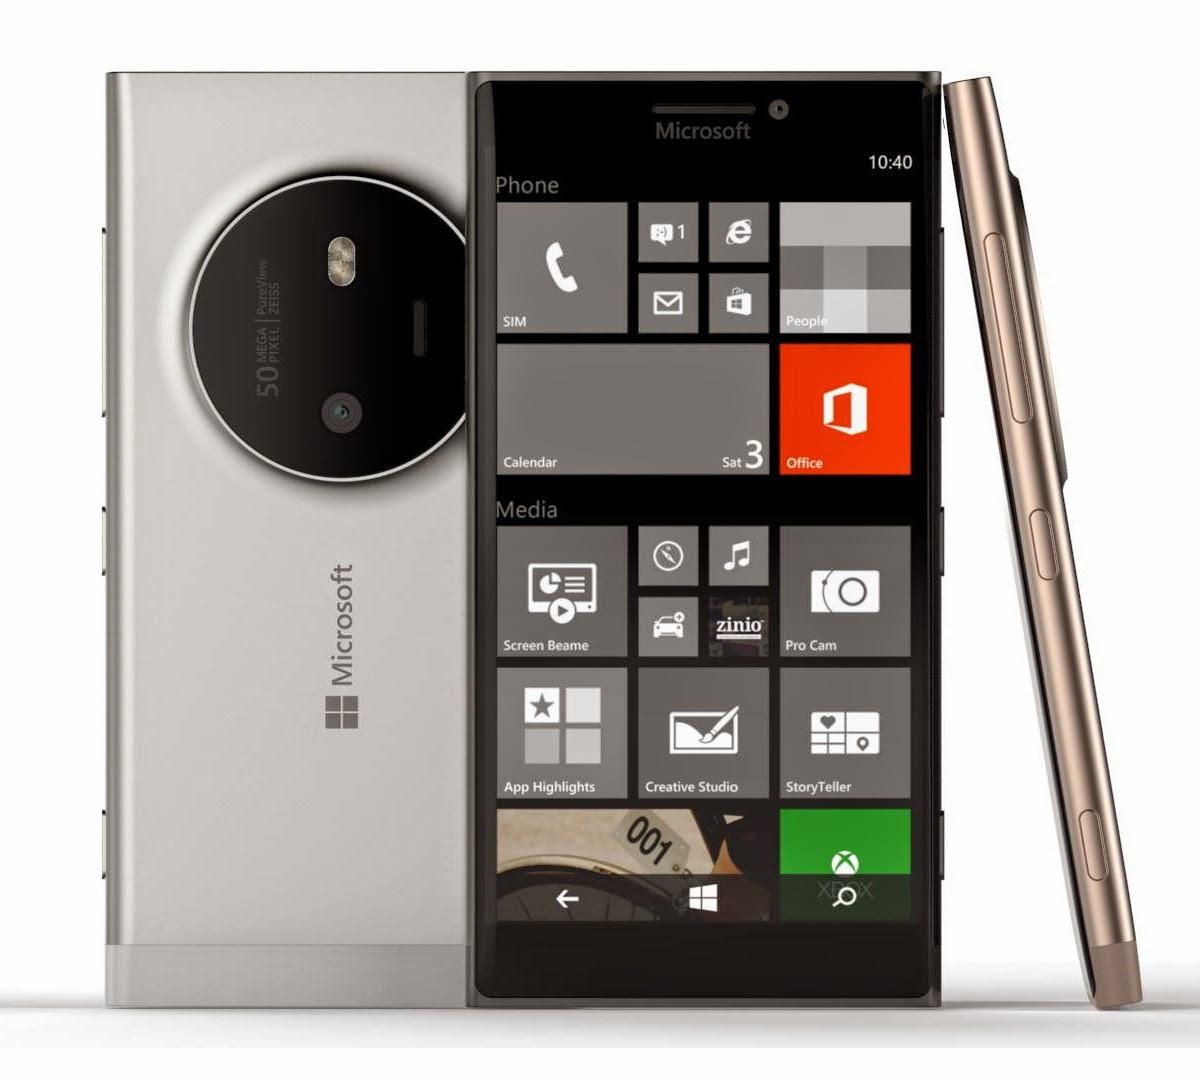 Harga Microsoft Lumia 1030 dan Spesifikasi Lengkap